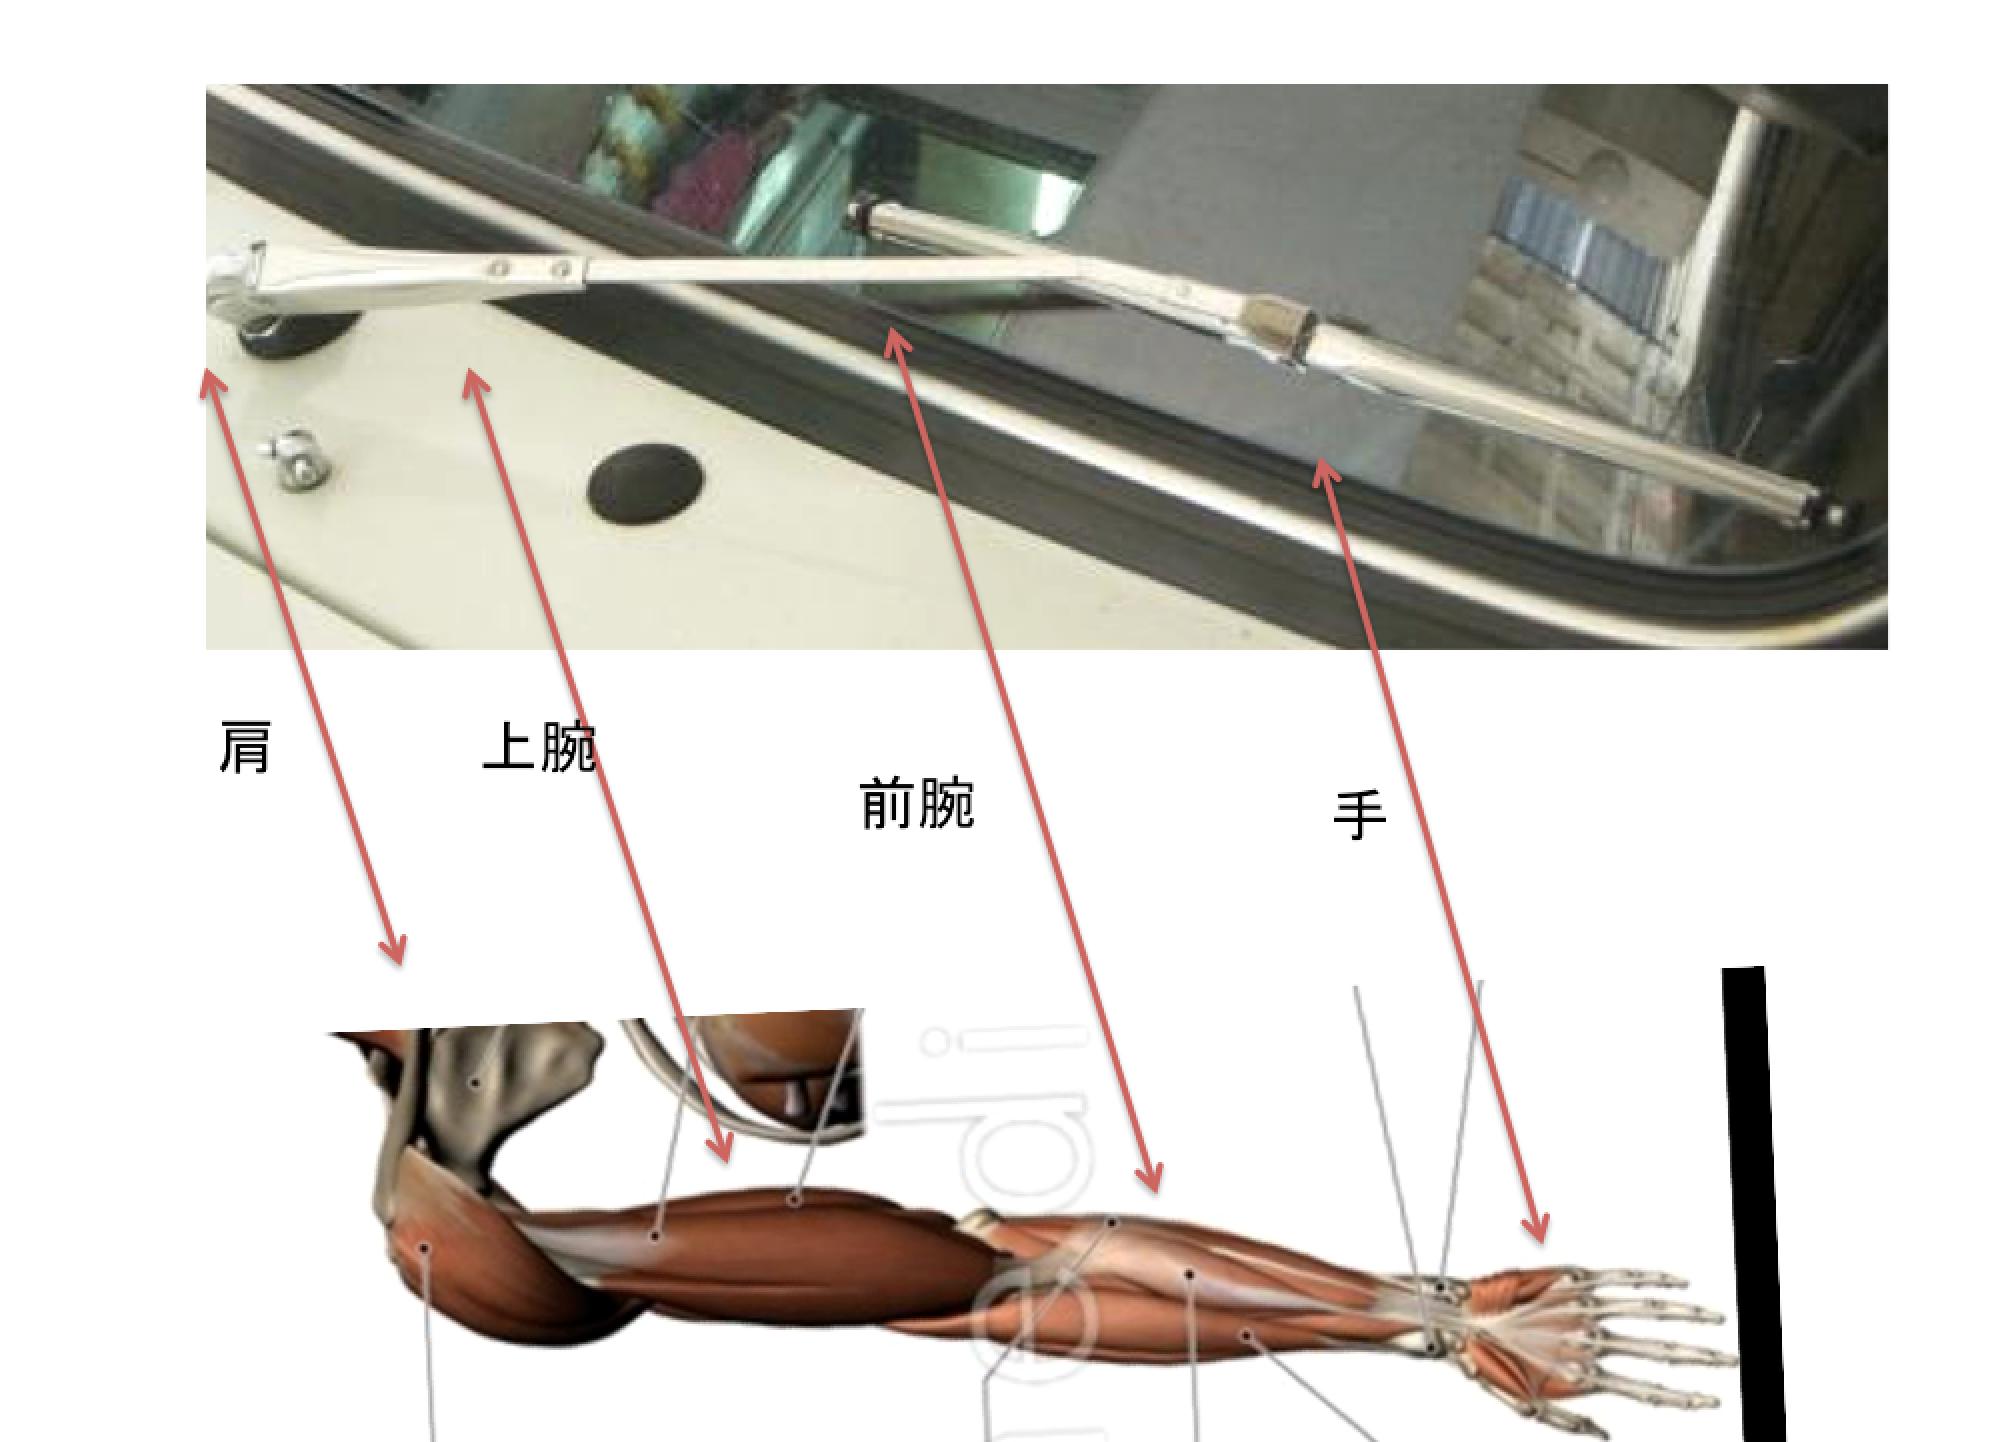 ワイパーと上肢の関係